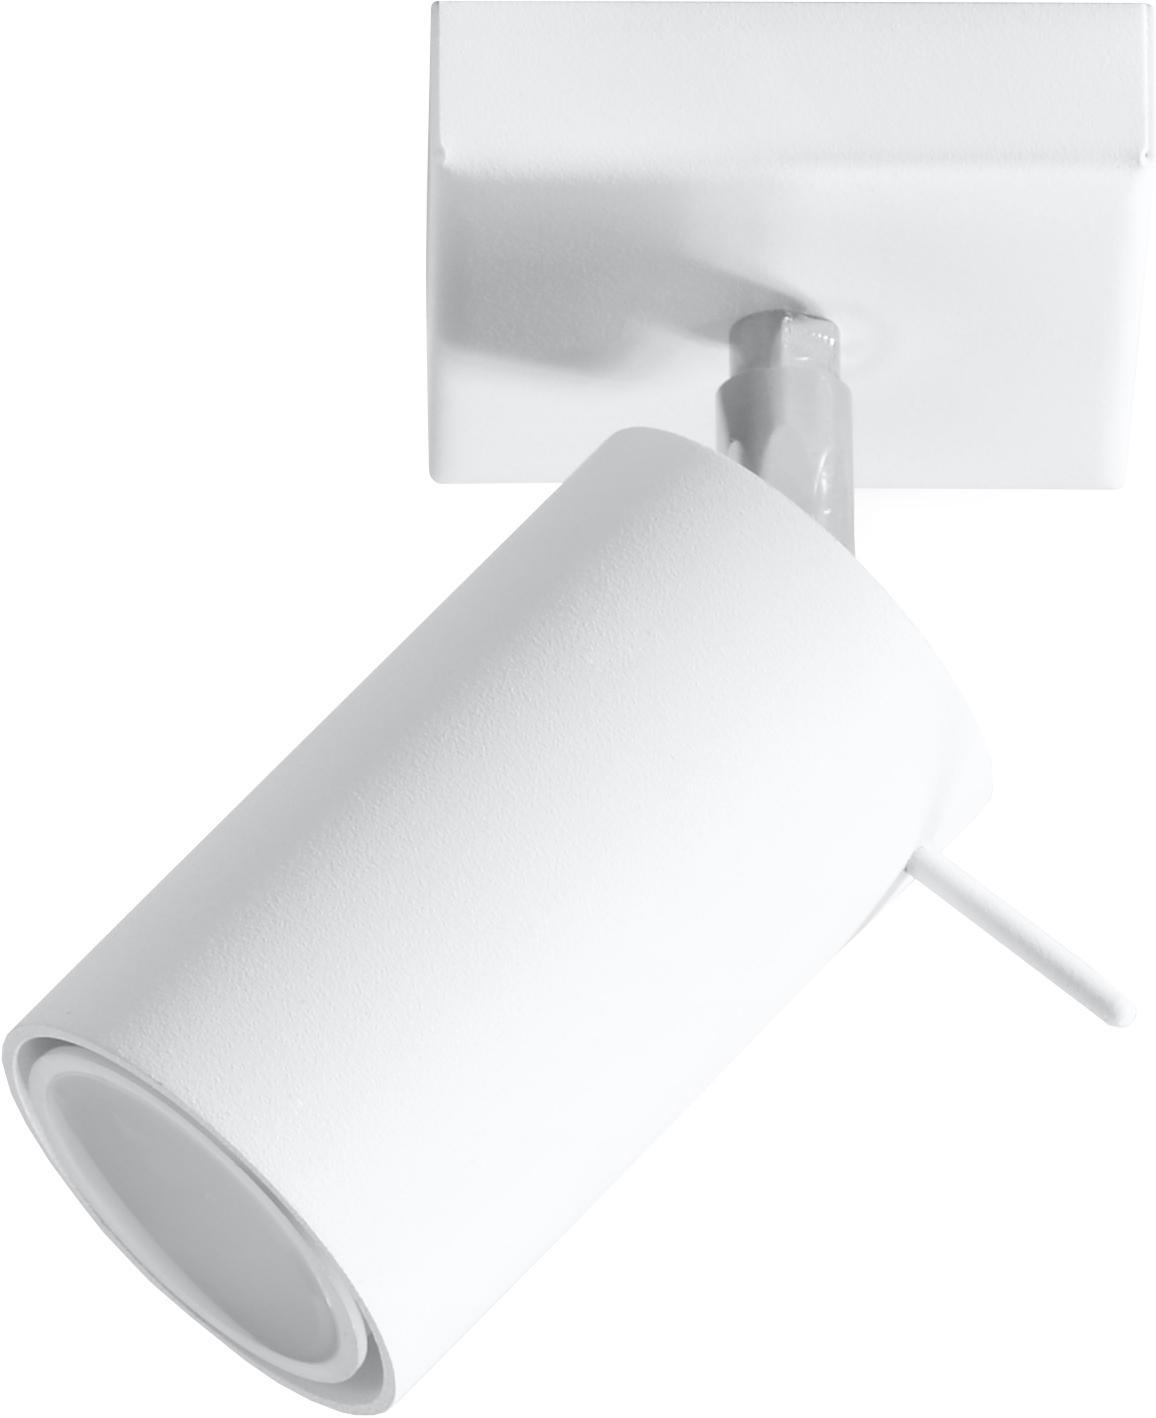 Wand-  und Deckenstrahler Etna in Weiß, Stahl, lackiert, Weiß, 10 x 15 cm